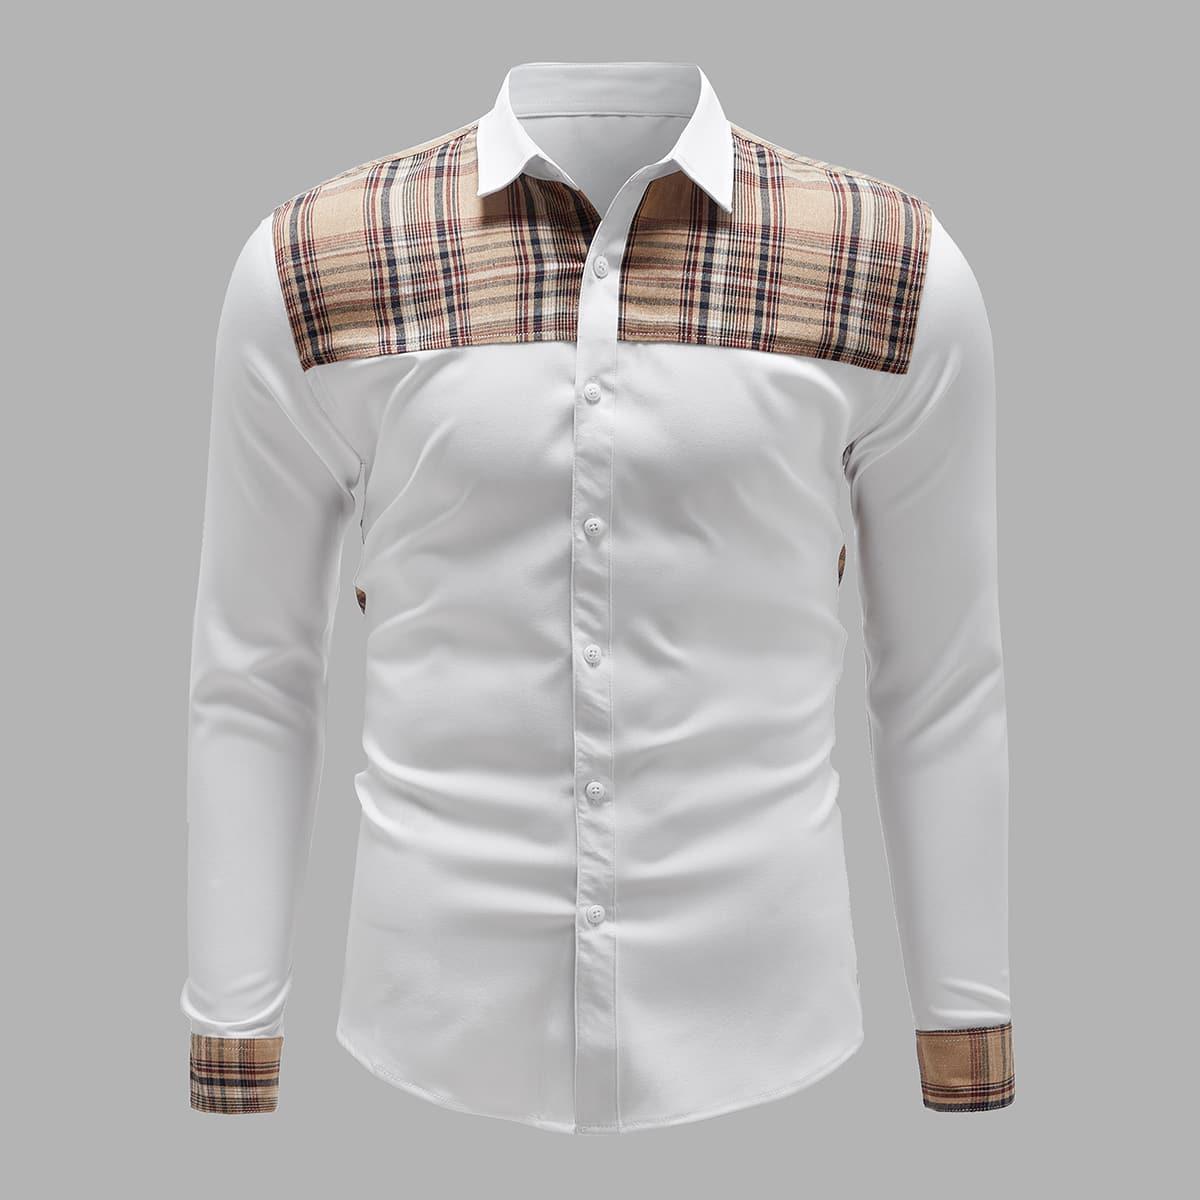 Пуговица Клетчатый Институтский Мужские рубашки SheIn smshirt03201028259